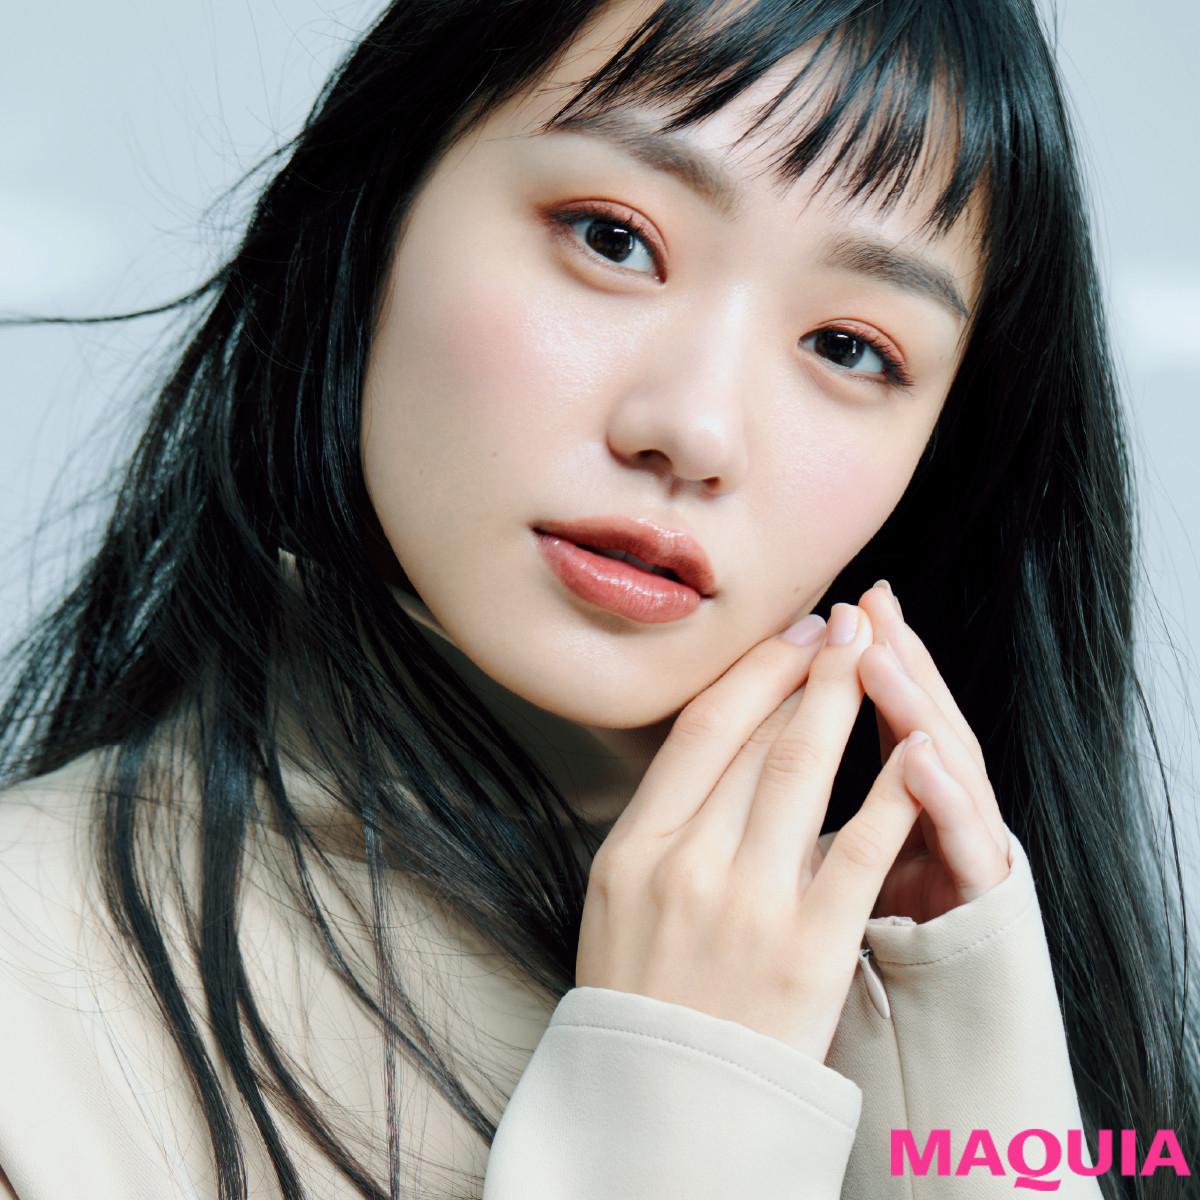 女優・奈緒さんがベスコス受賞メイクで変身! 色気と癒しを両立したテラコッタメイク